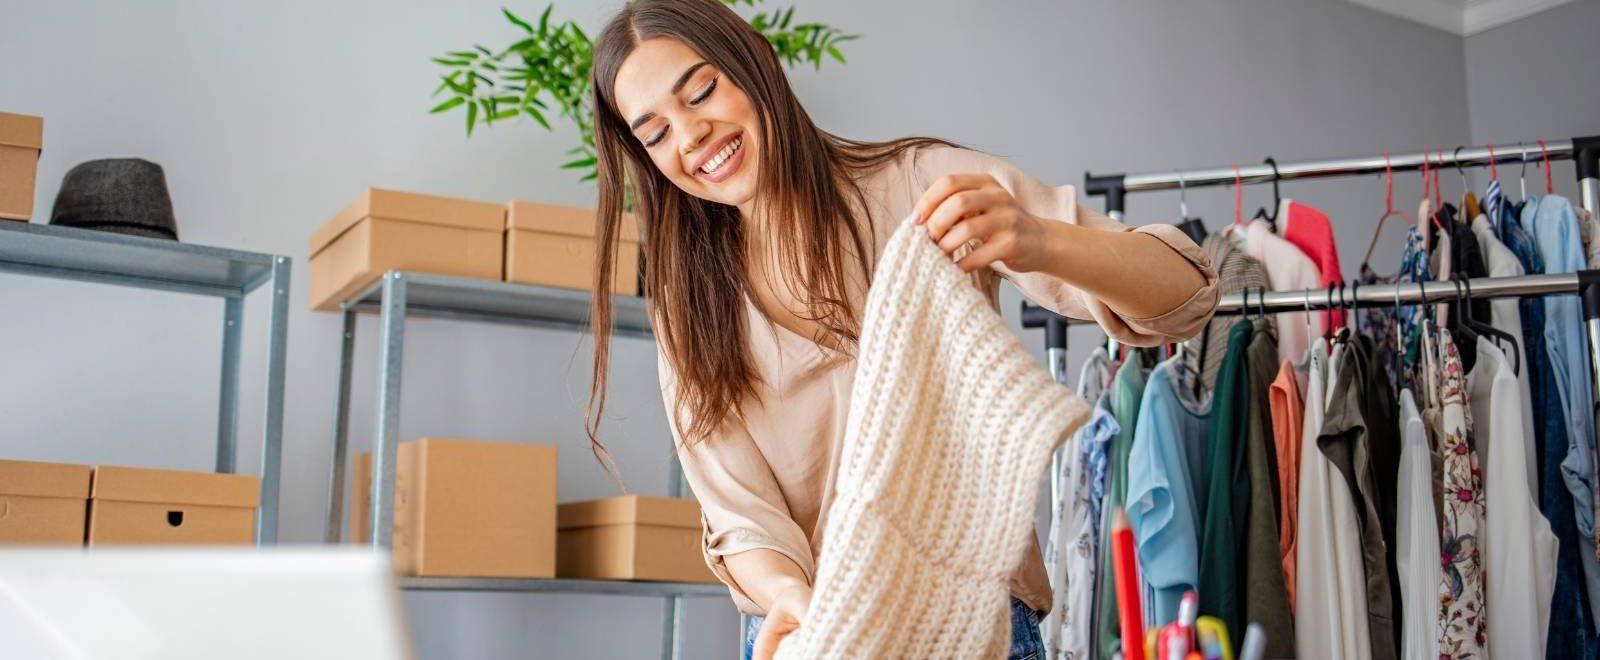 Vendere on-line: donna felice prepara la spedizione dei prodotti